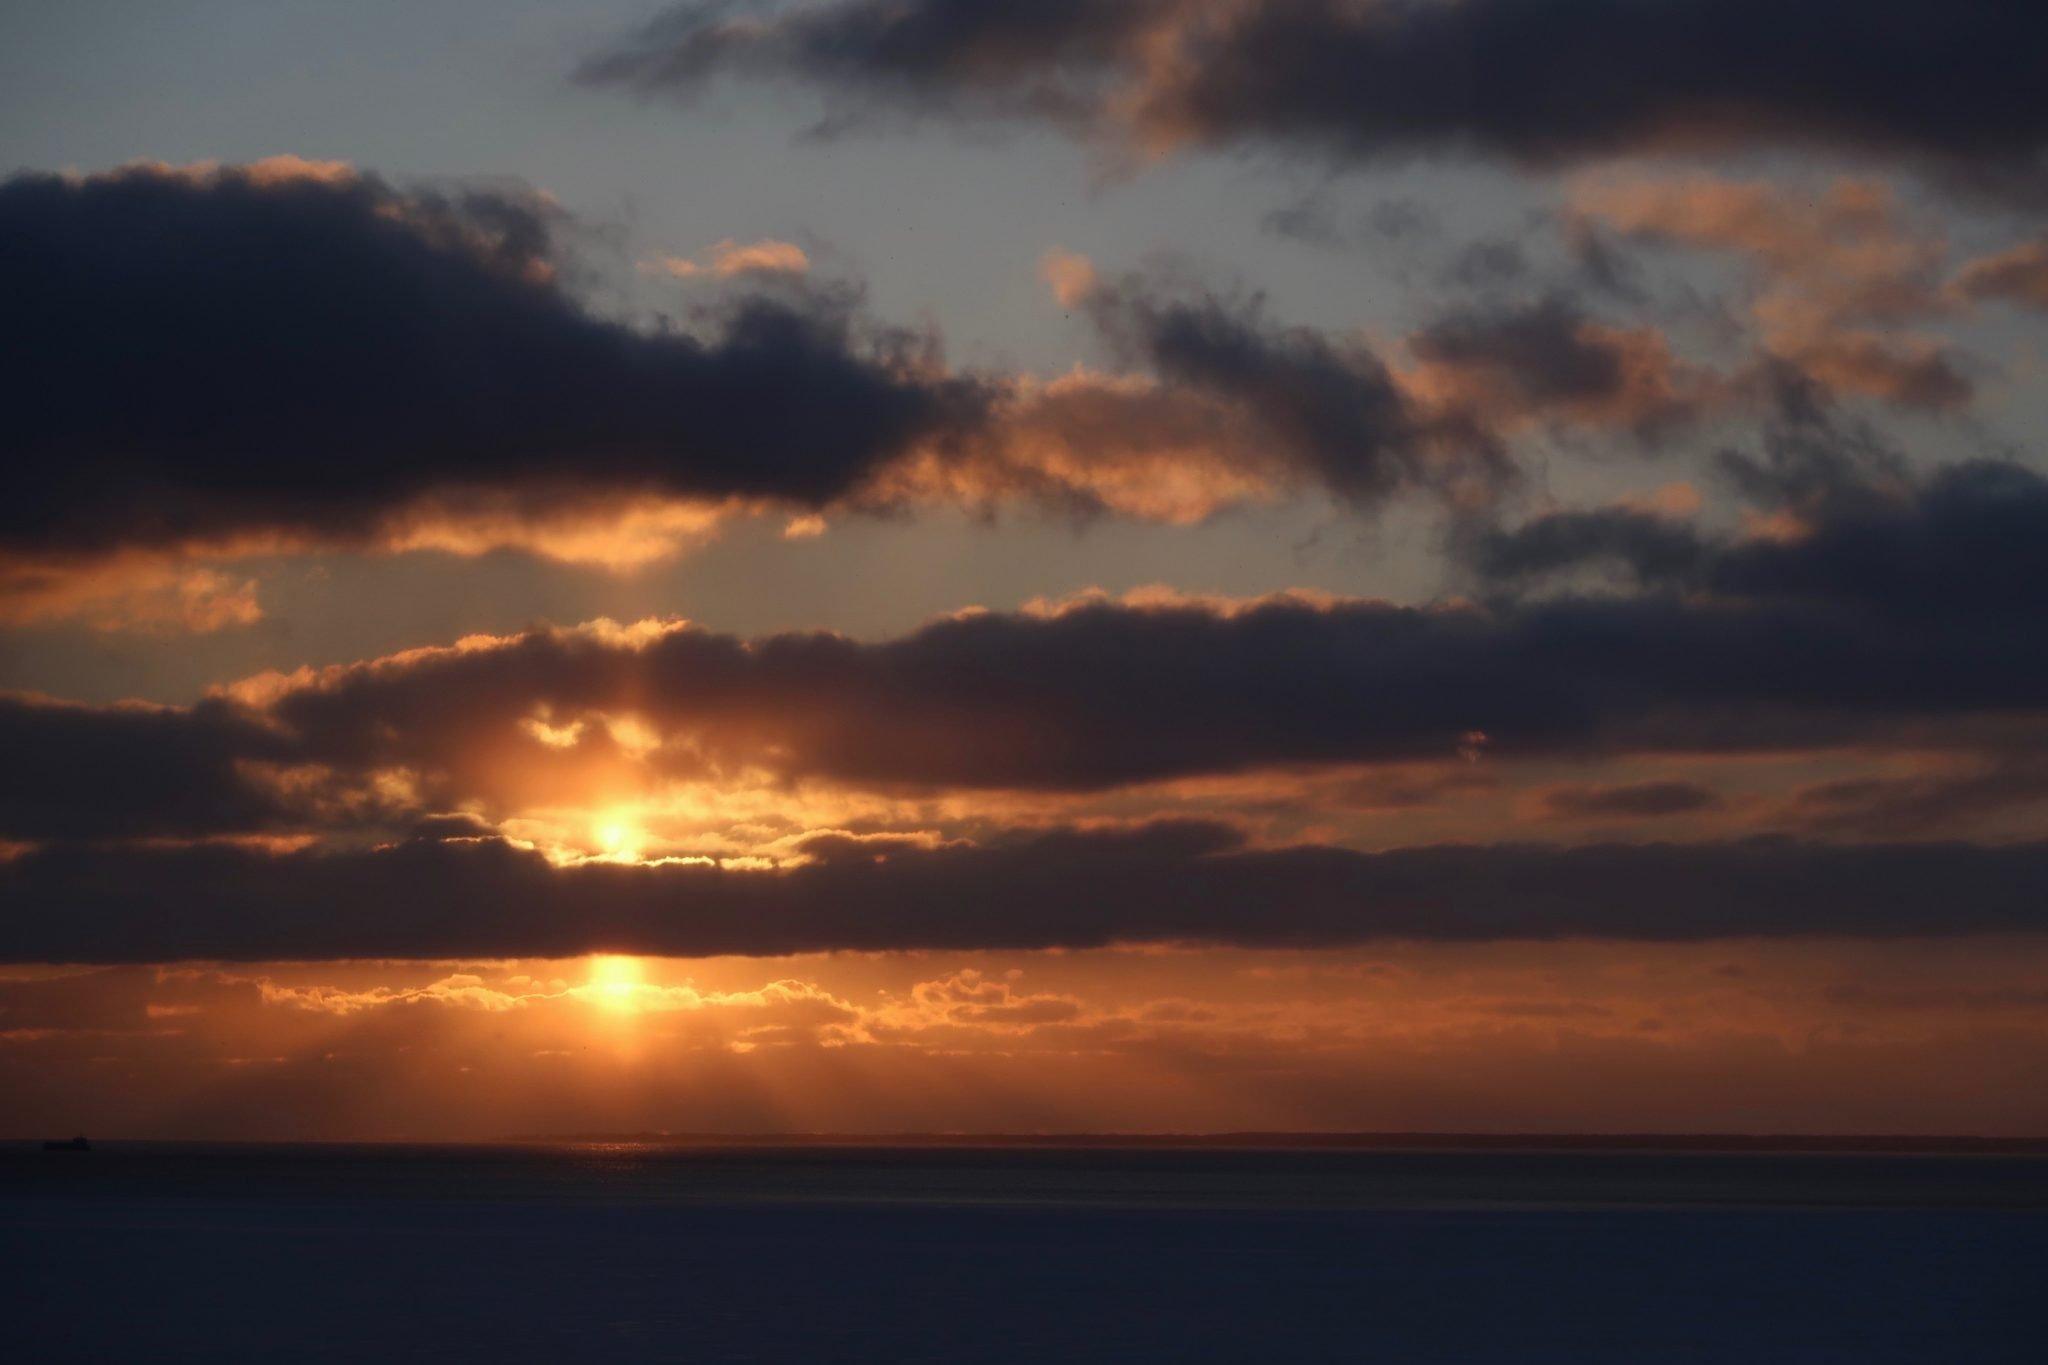 Pärnu auringonlasku helmikuussa